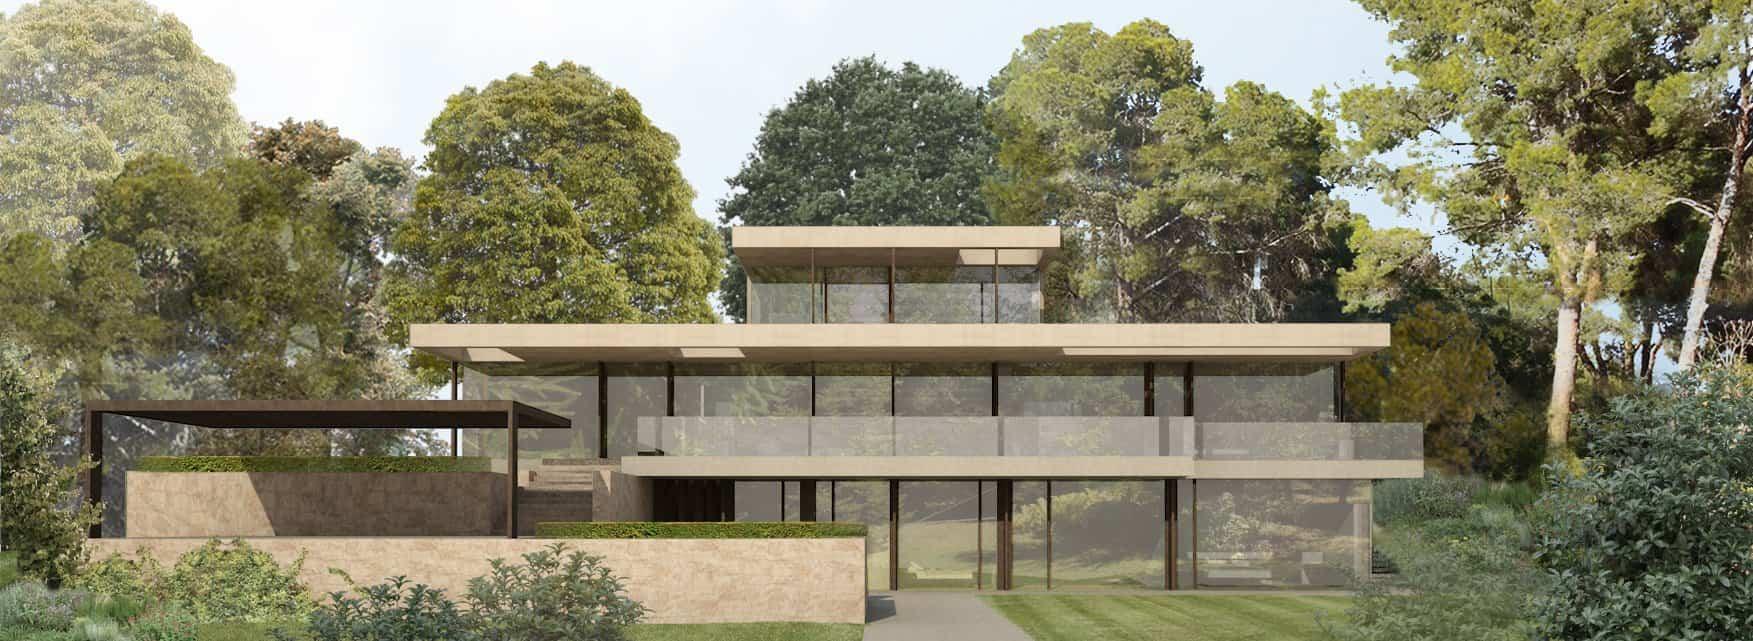 Jardín - Casa en la Pinada 2015 Arquitecto Ramon Esteve 17